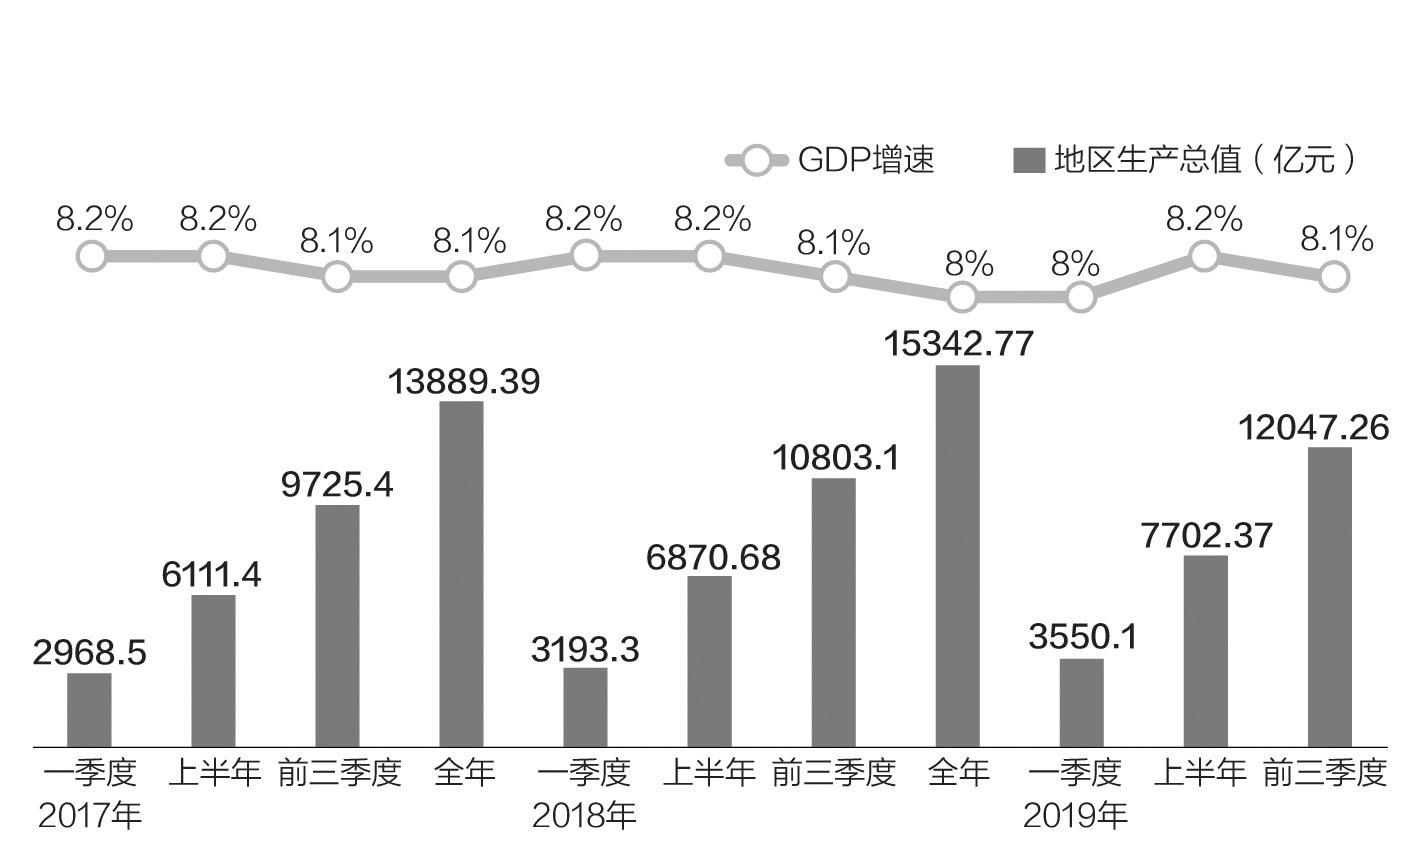 2017年一季度gdp 贵阳_贵阳gdp增速曲线图